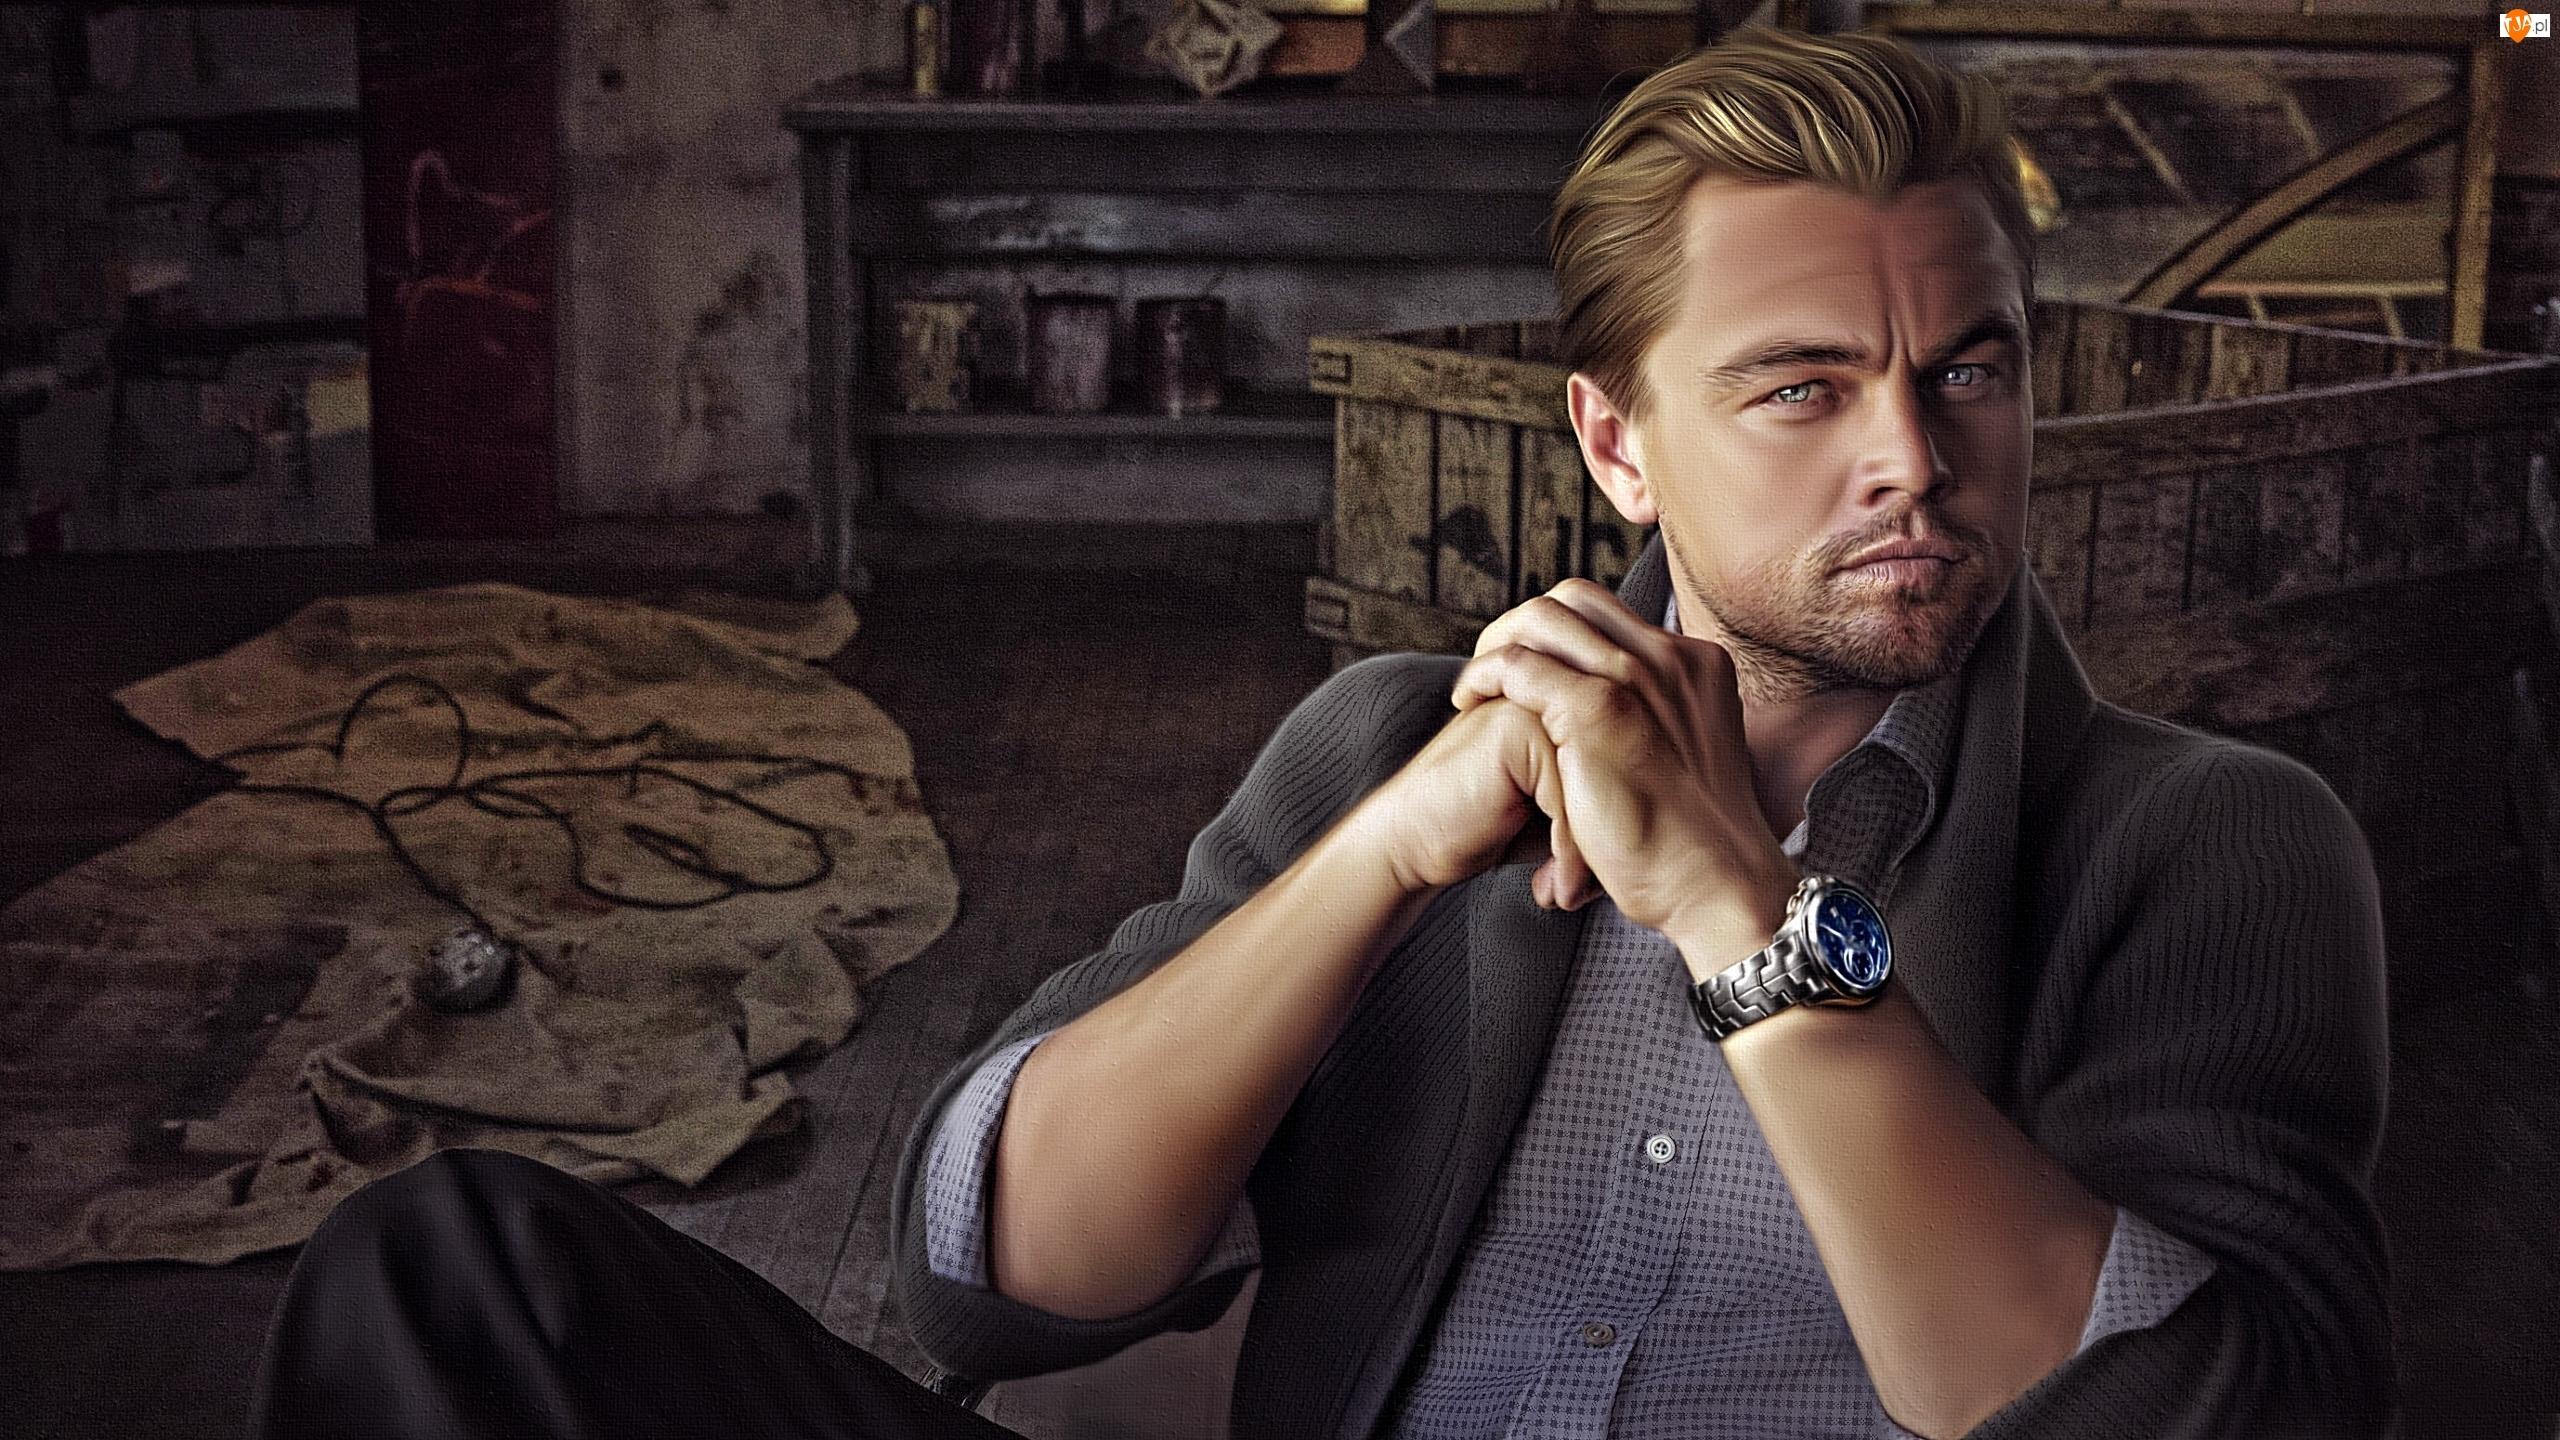 Grafika komputerowa, Mężczyzna, Aktor, Leonardo DiCaprio, Portret